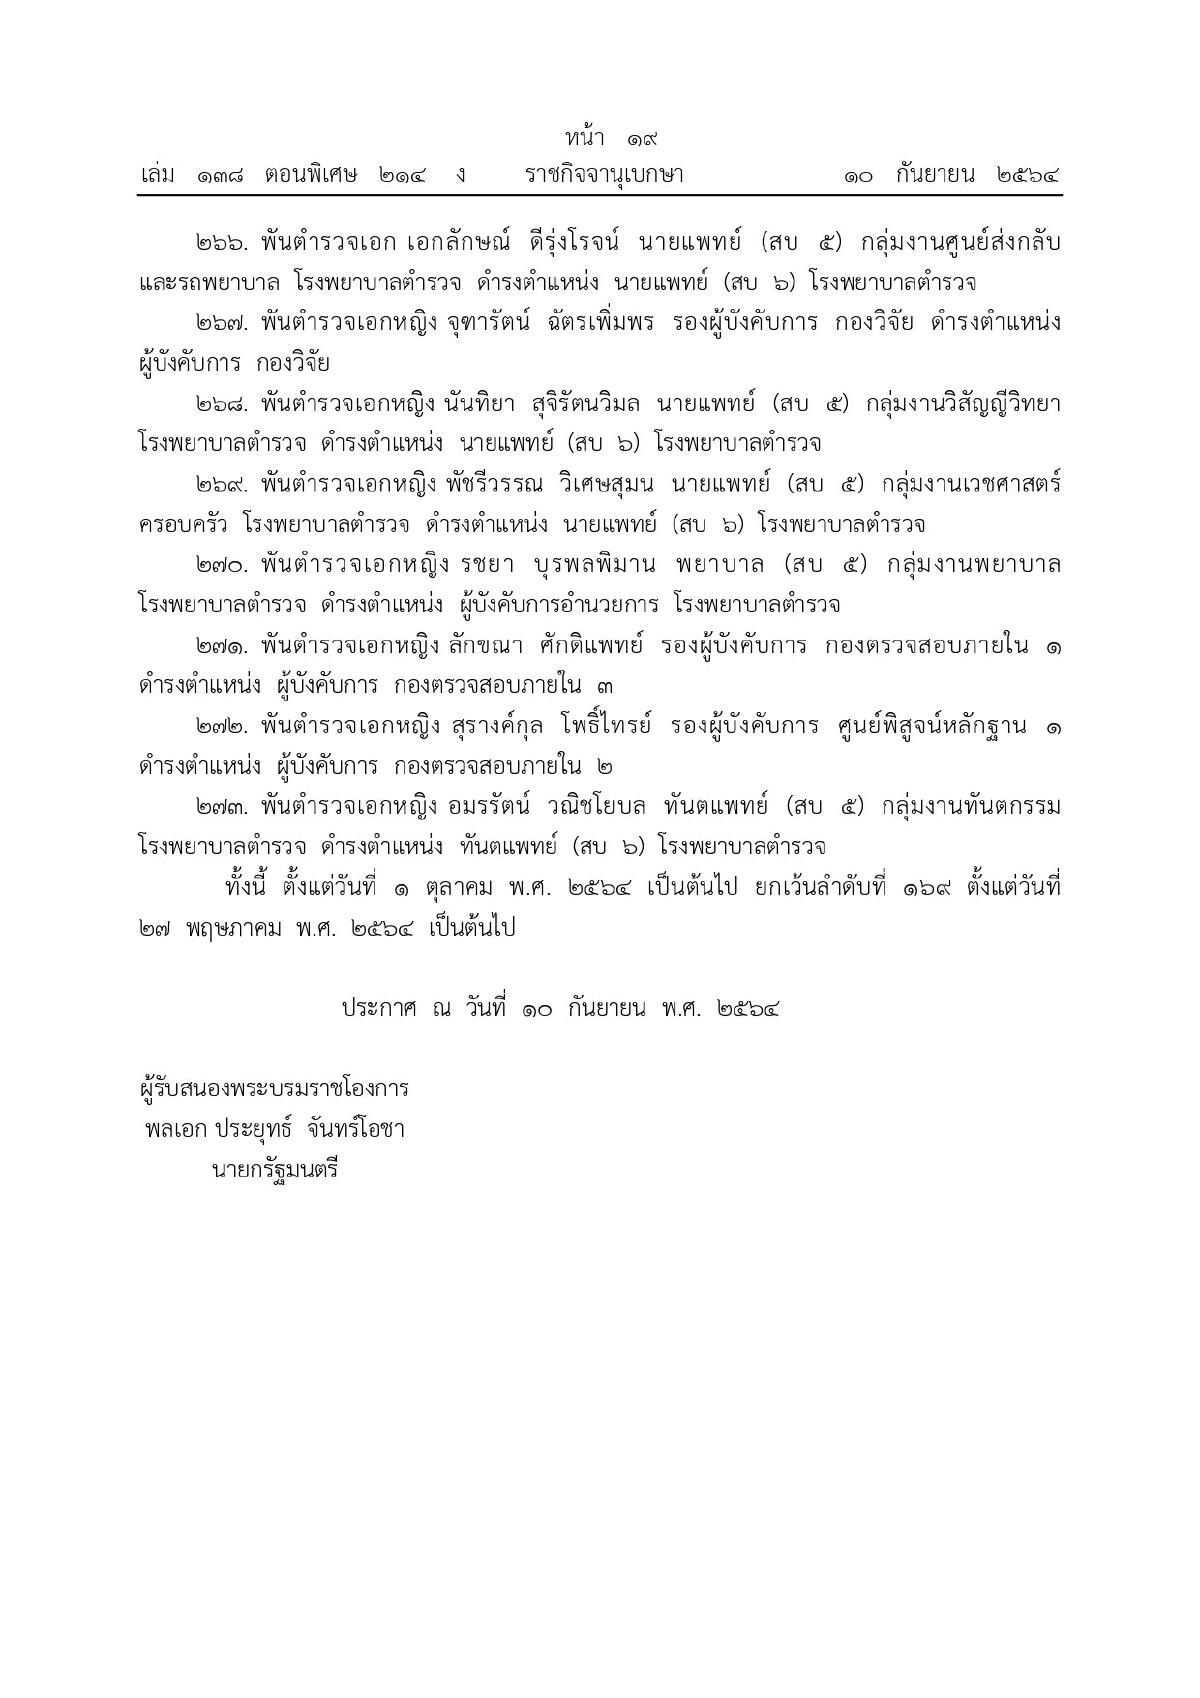 พระบรมราชโองการโปรดเกล้าฯ, พระราชทานยศตำรวจชั้นนายพล, เว็บไซต์ราชกิจจานุเบกษา, แต่งตั้งข้าราชการตำรวจ